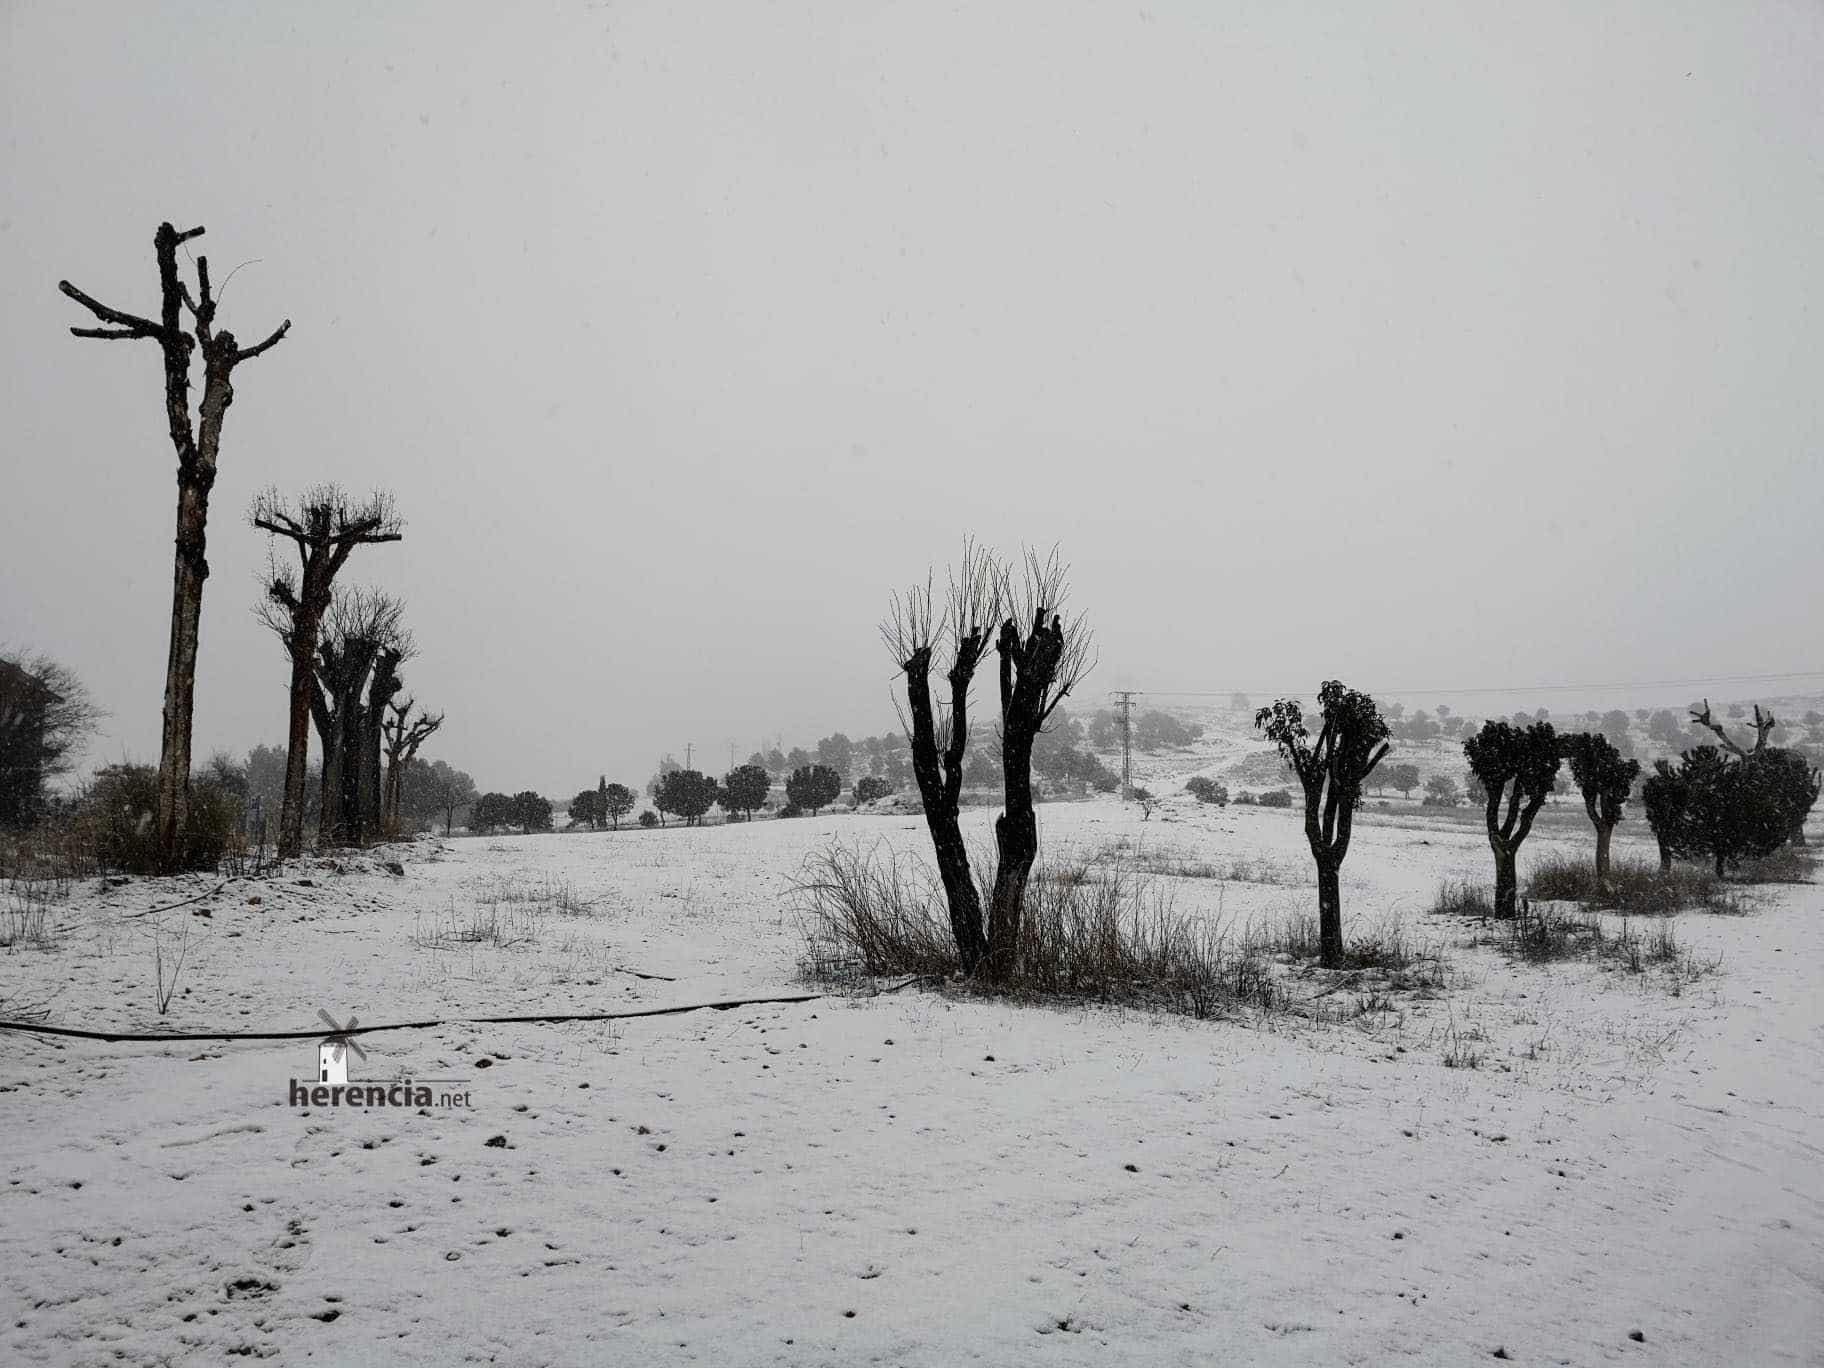 Las nevadas llegan Herencia y a toda Castilla-La Mancha (actualizado) 102